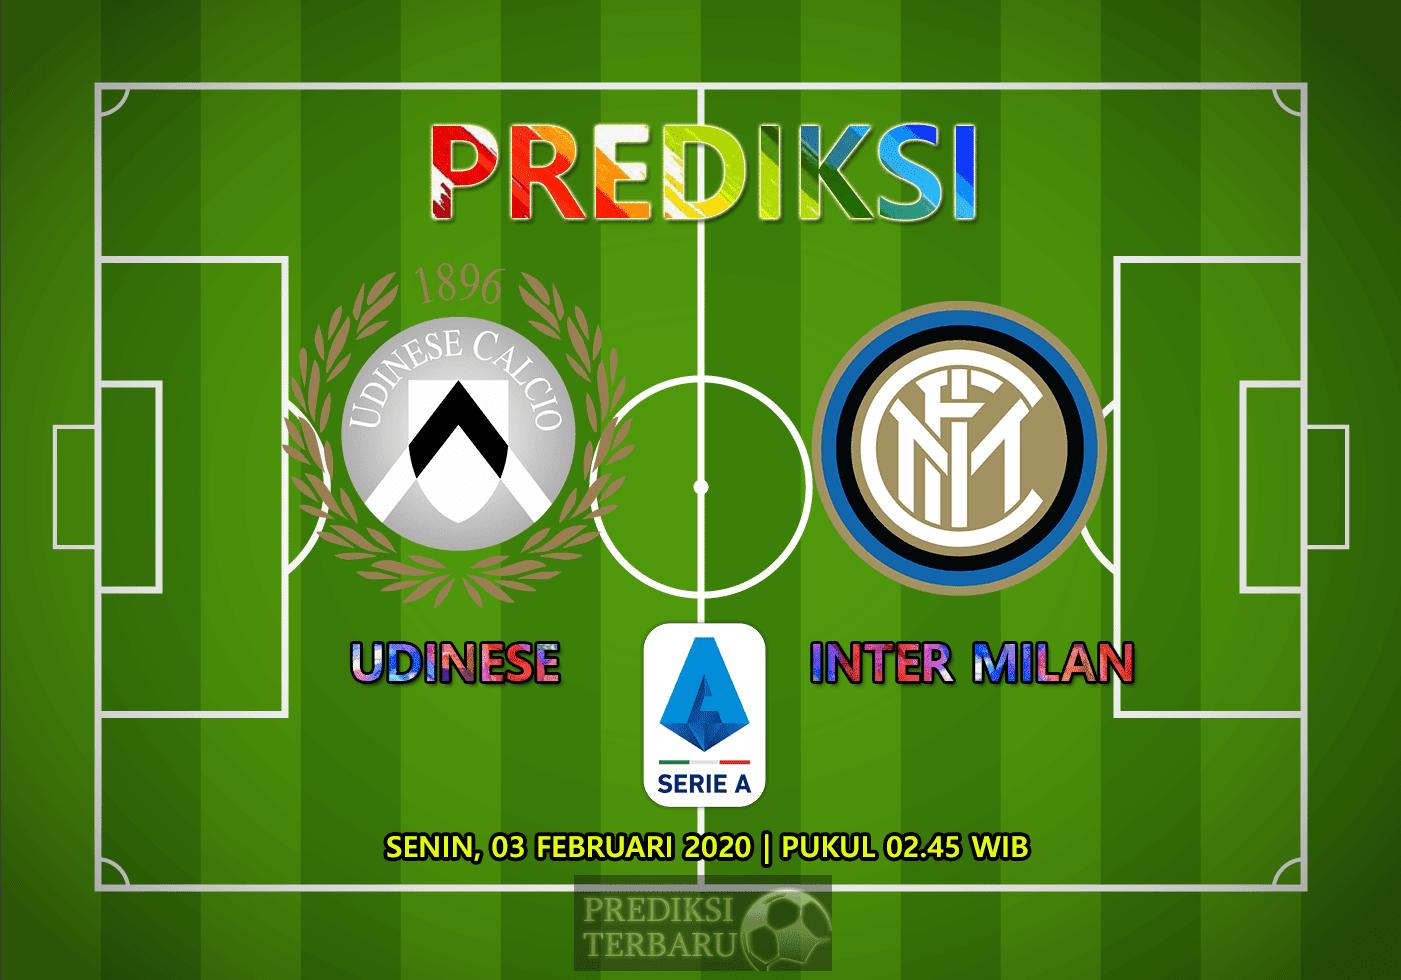 Prediksi Udinese Vs Inter Milan 03 Februari